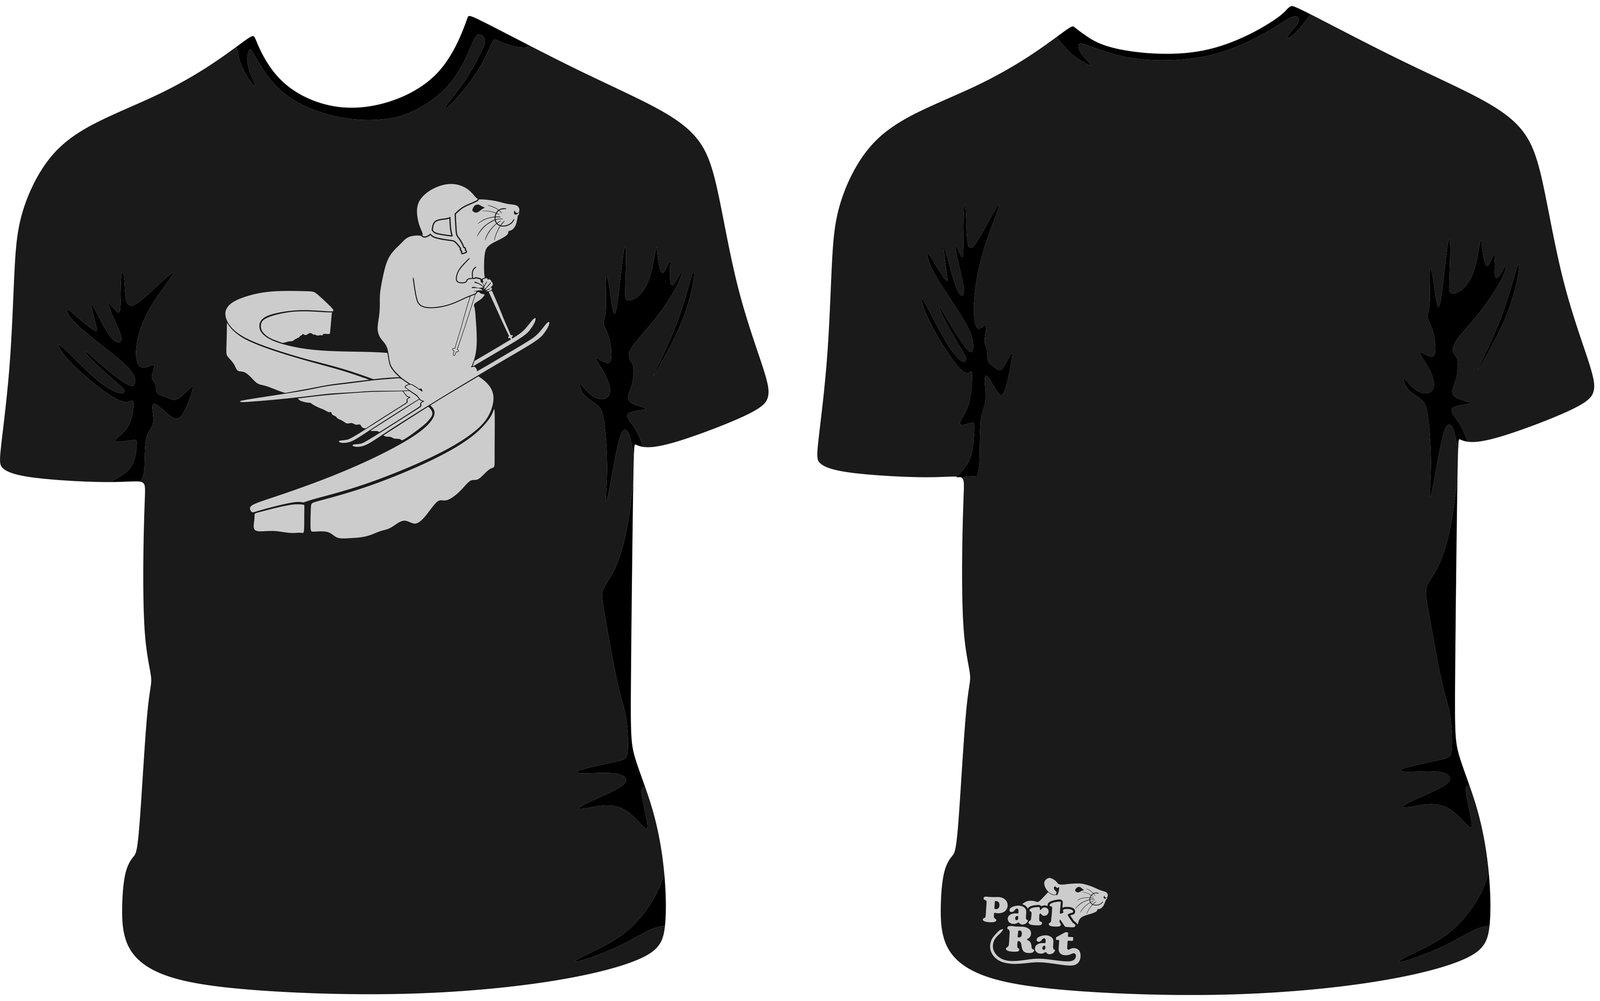 Park Rat Box T-Shirt.jpg